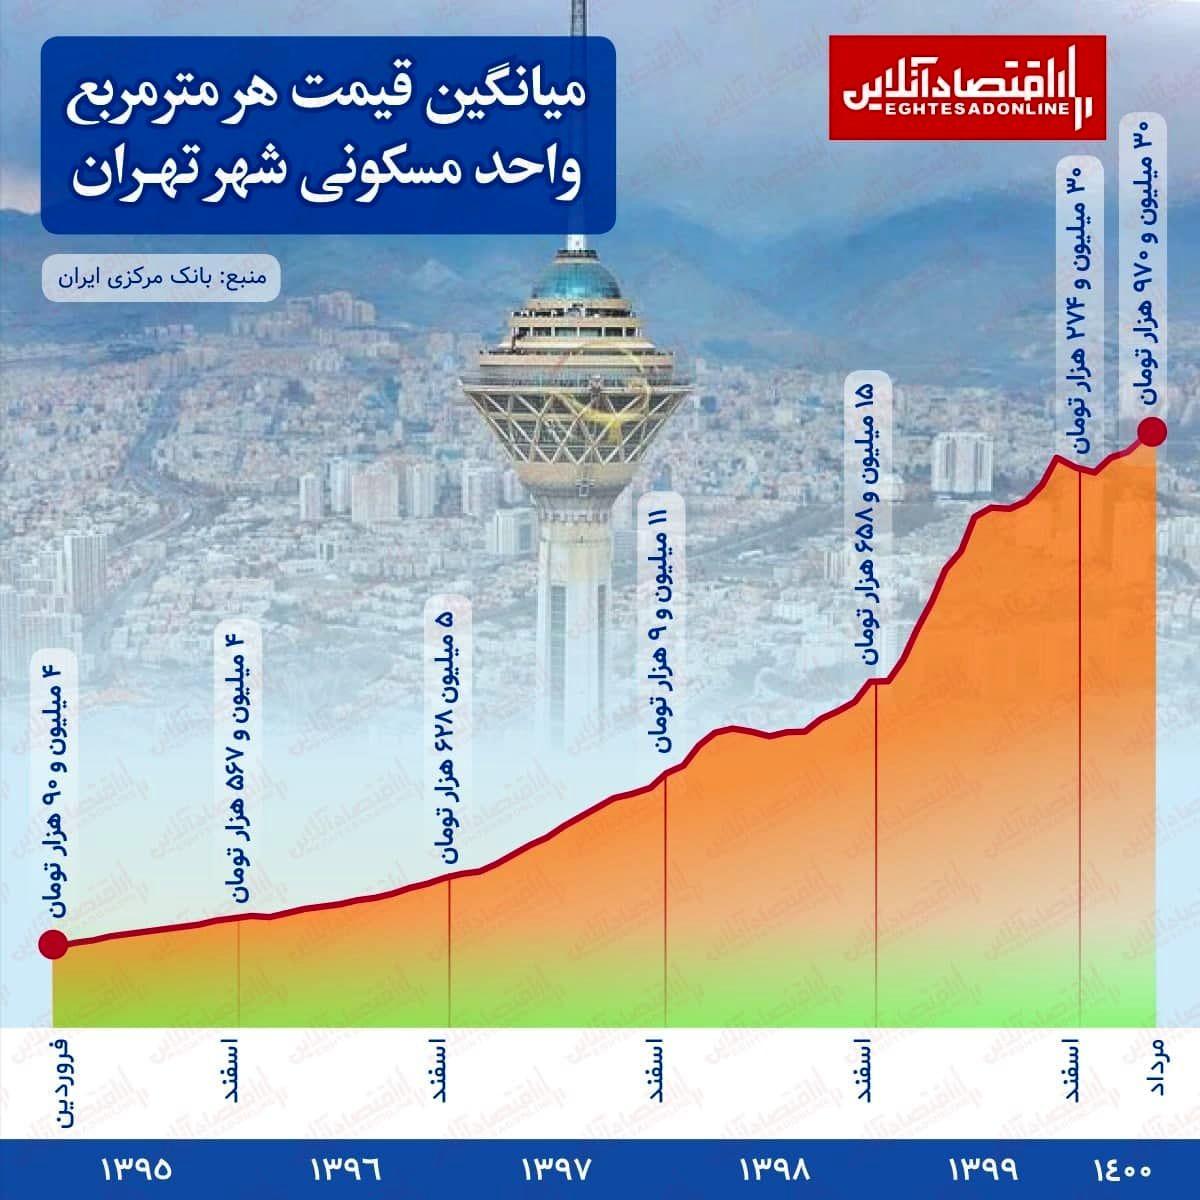 روند قیمتی مسکن در شهر تهران از سال ۱۳۹۵